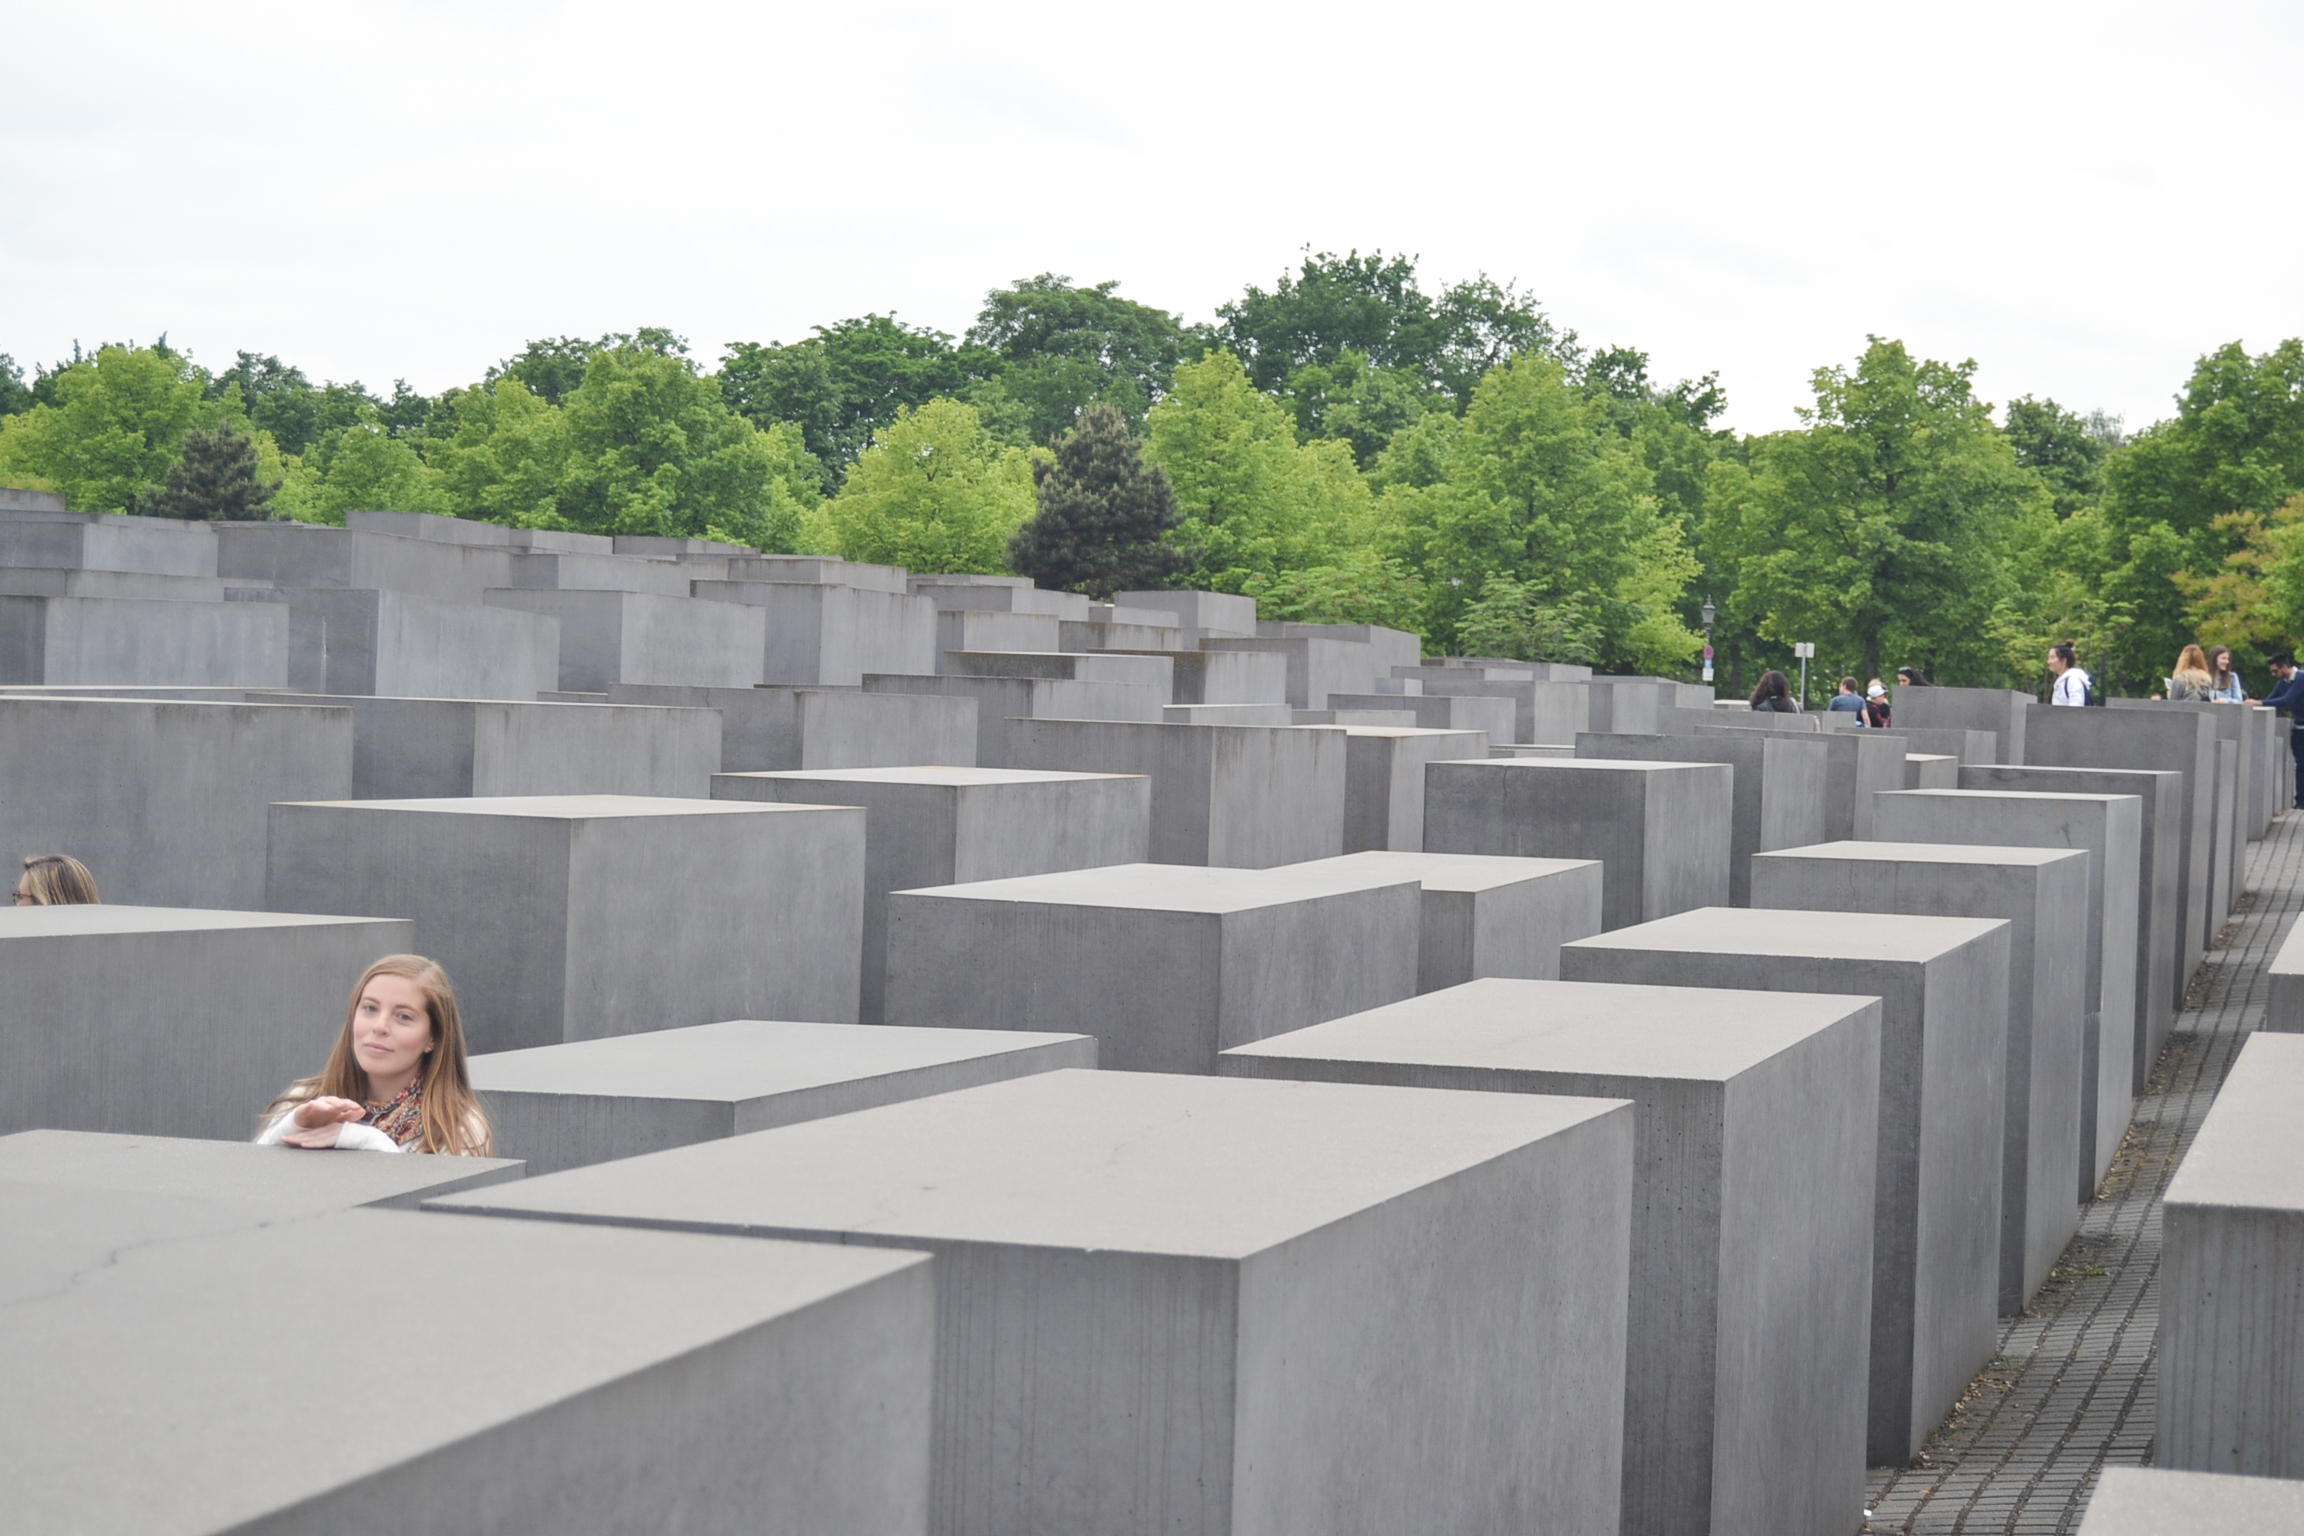 Monumento a los judios de europa asesinados-enmibolso3